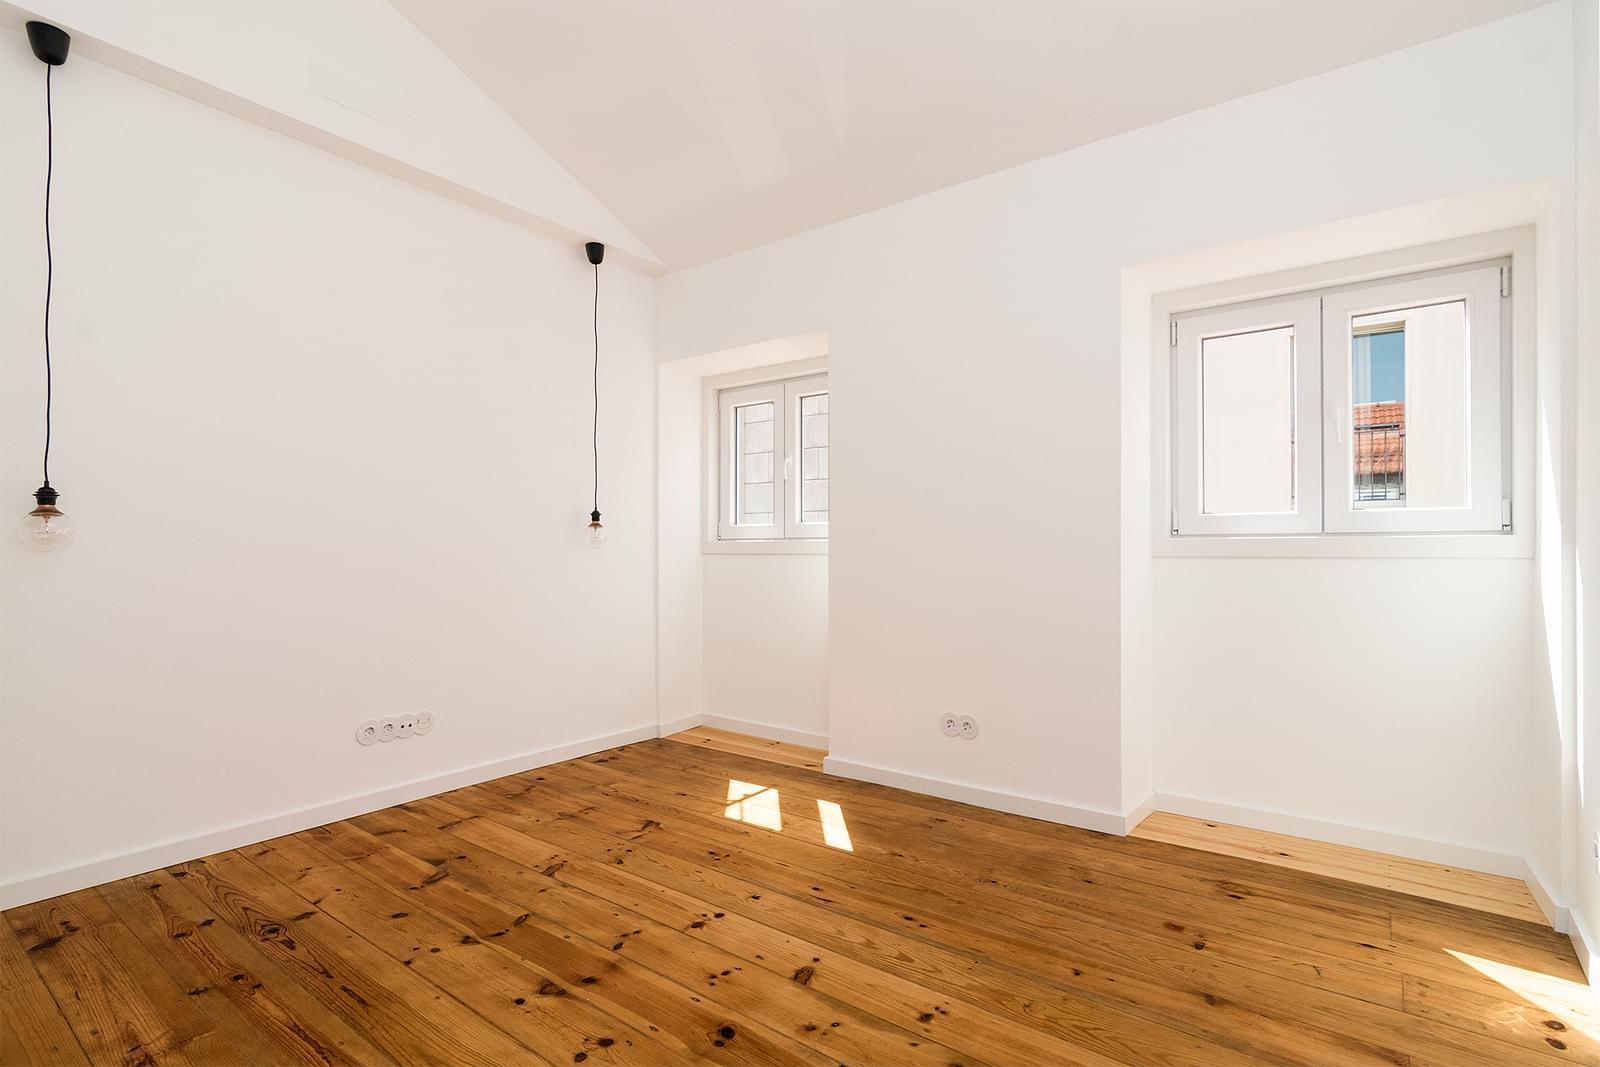 pf16908-apartamento-t2-lisboa-1700e9a9-076c-4d05-ba46-3135a1df2063